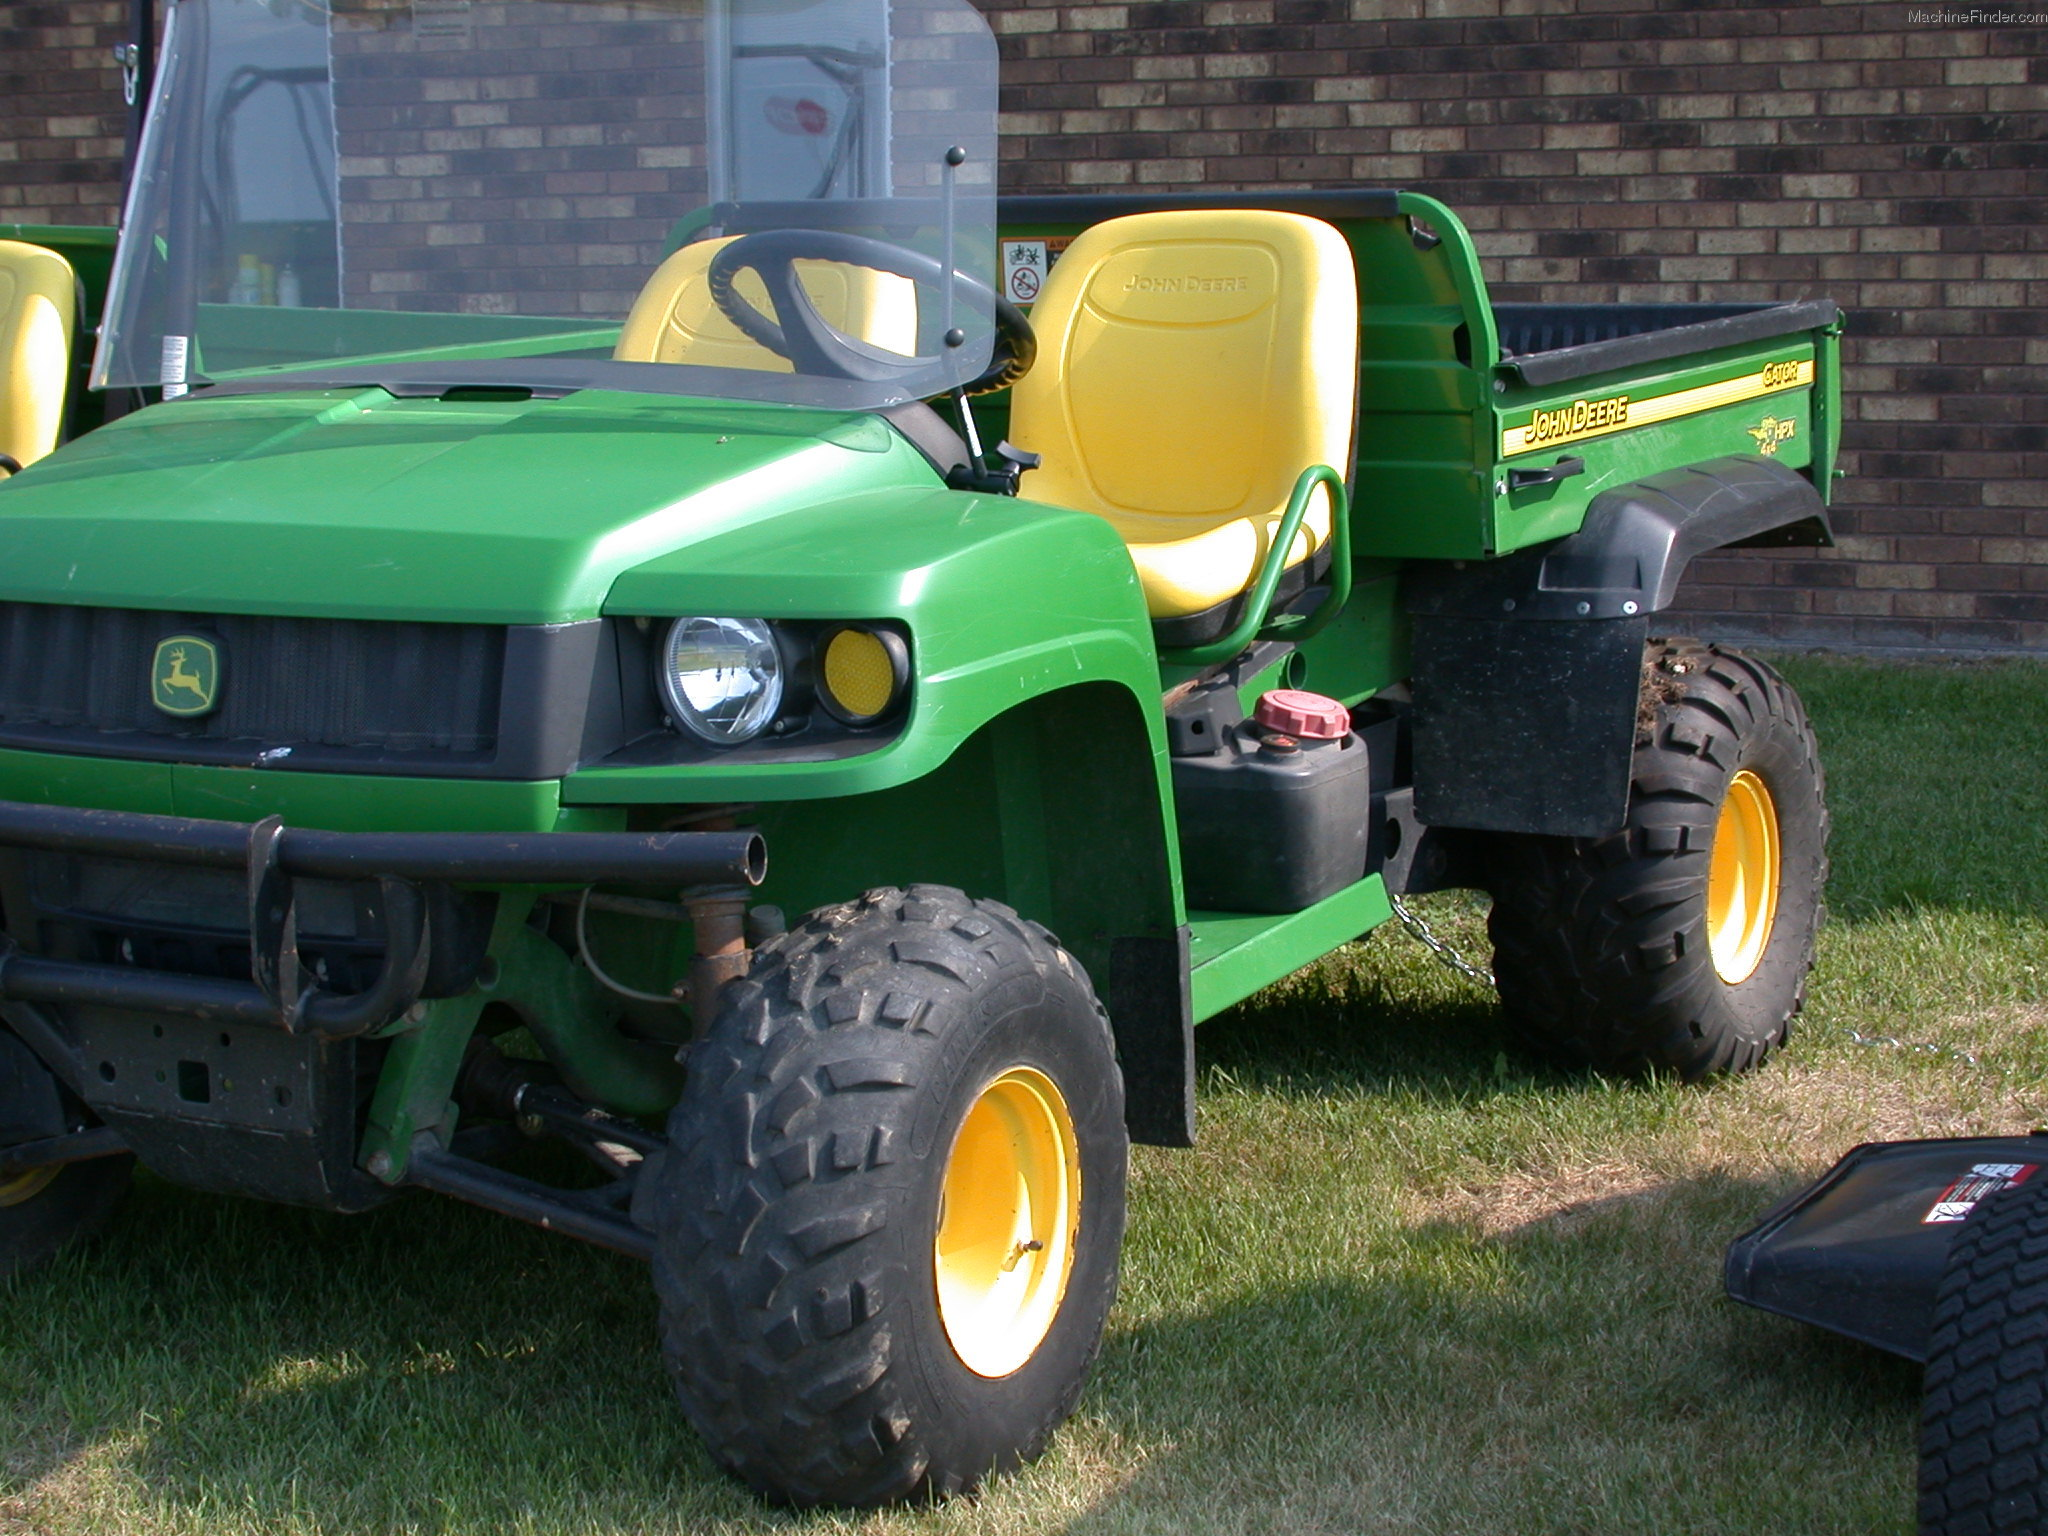 2005 John Deere Hpx Atv U0026 39 S And Gators